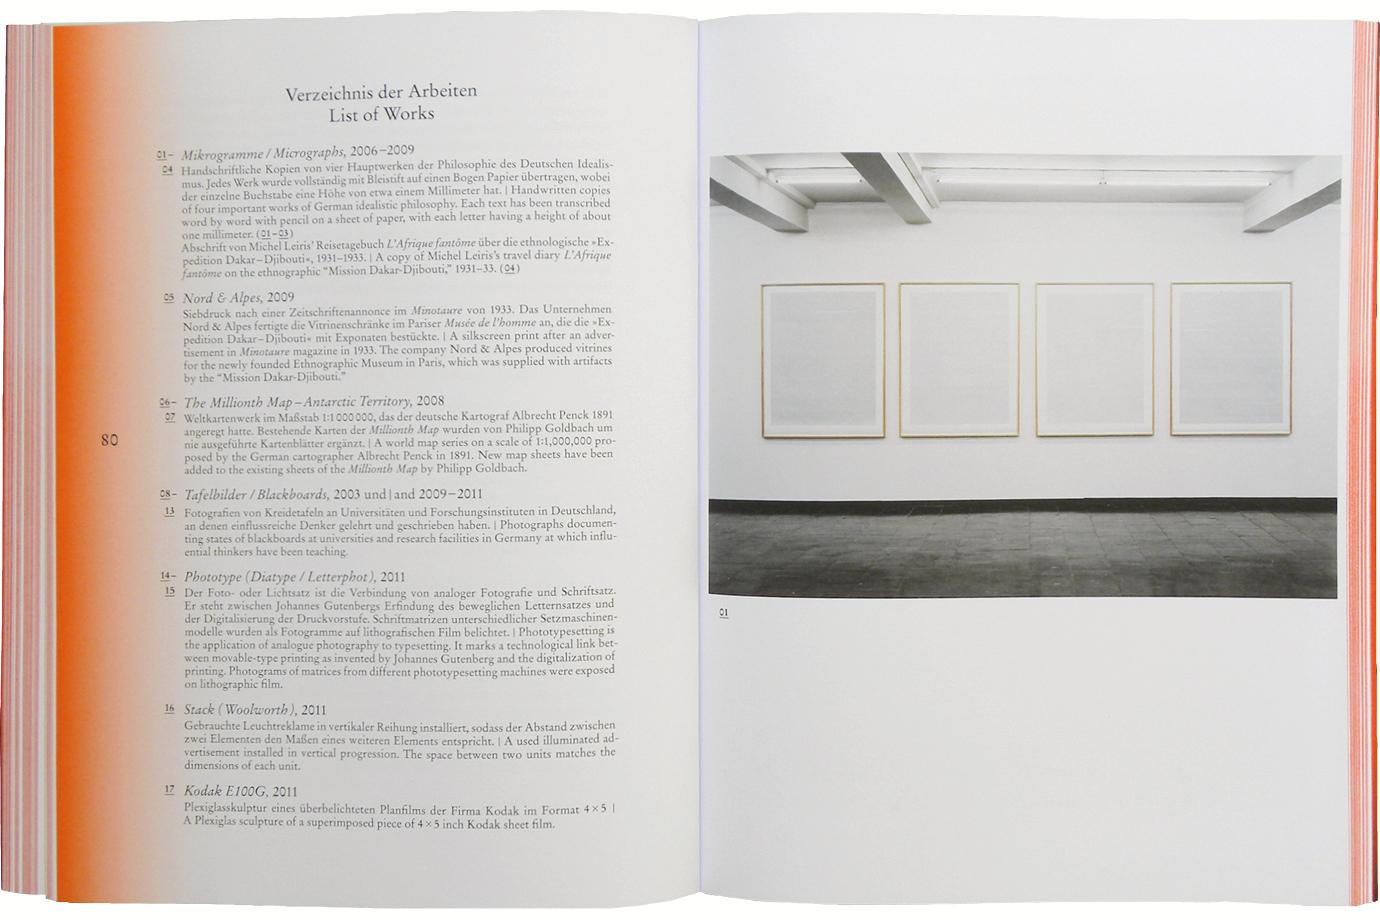 http://e-o-t.de/wordpress/wp-content/uploads/2017/07/eot-2011_Ars-Viva_Book_11.jpg